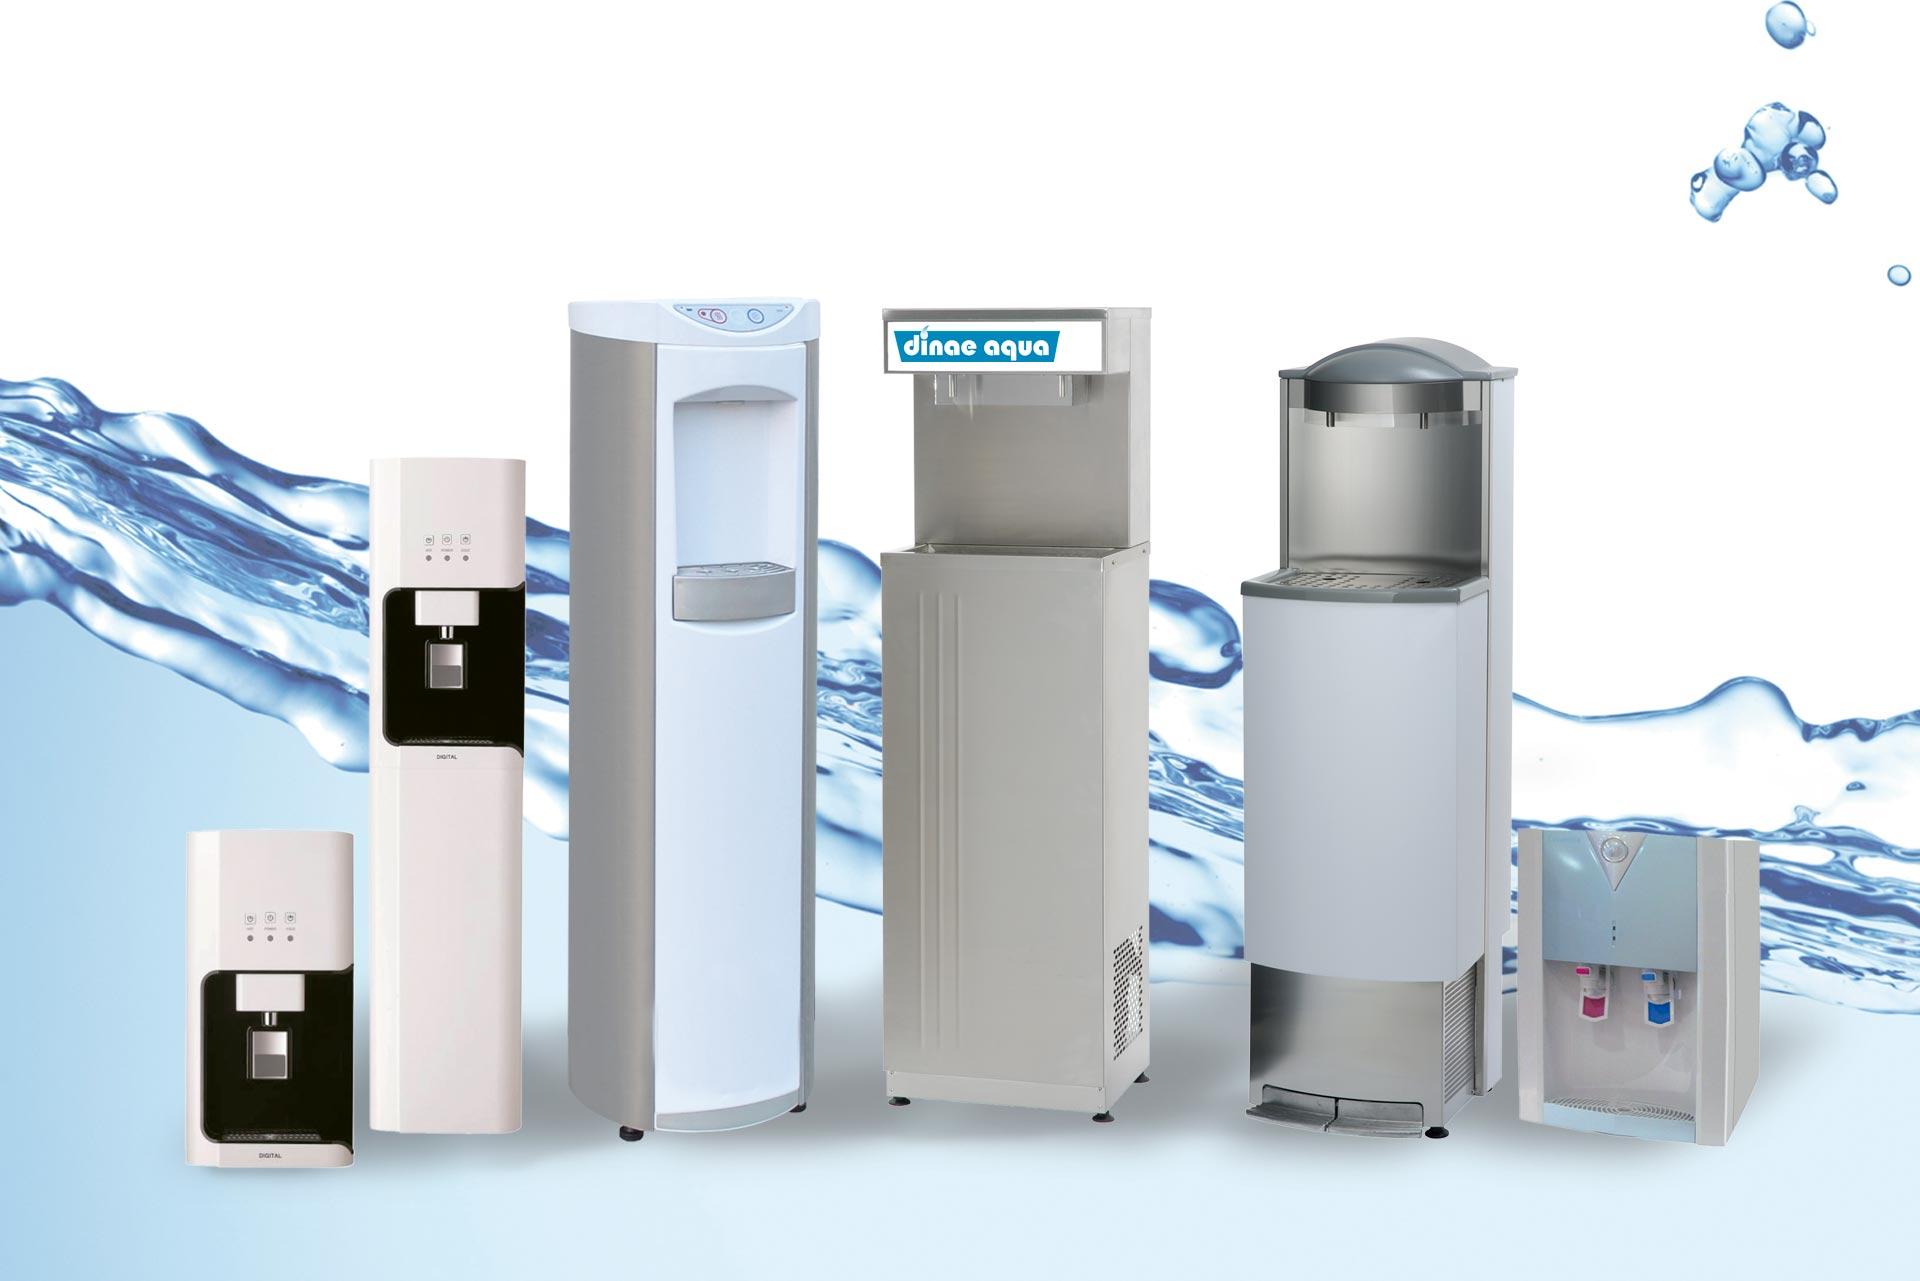 maquinas purificadoras de agua